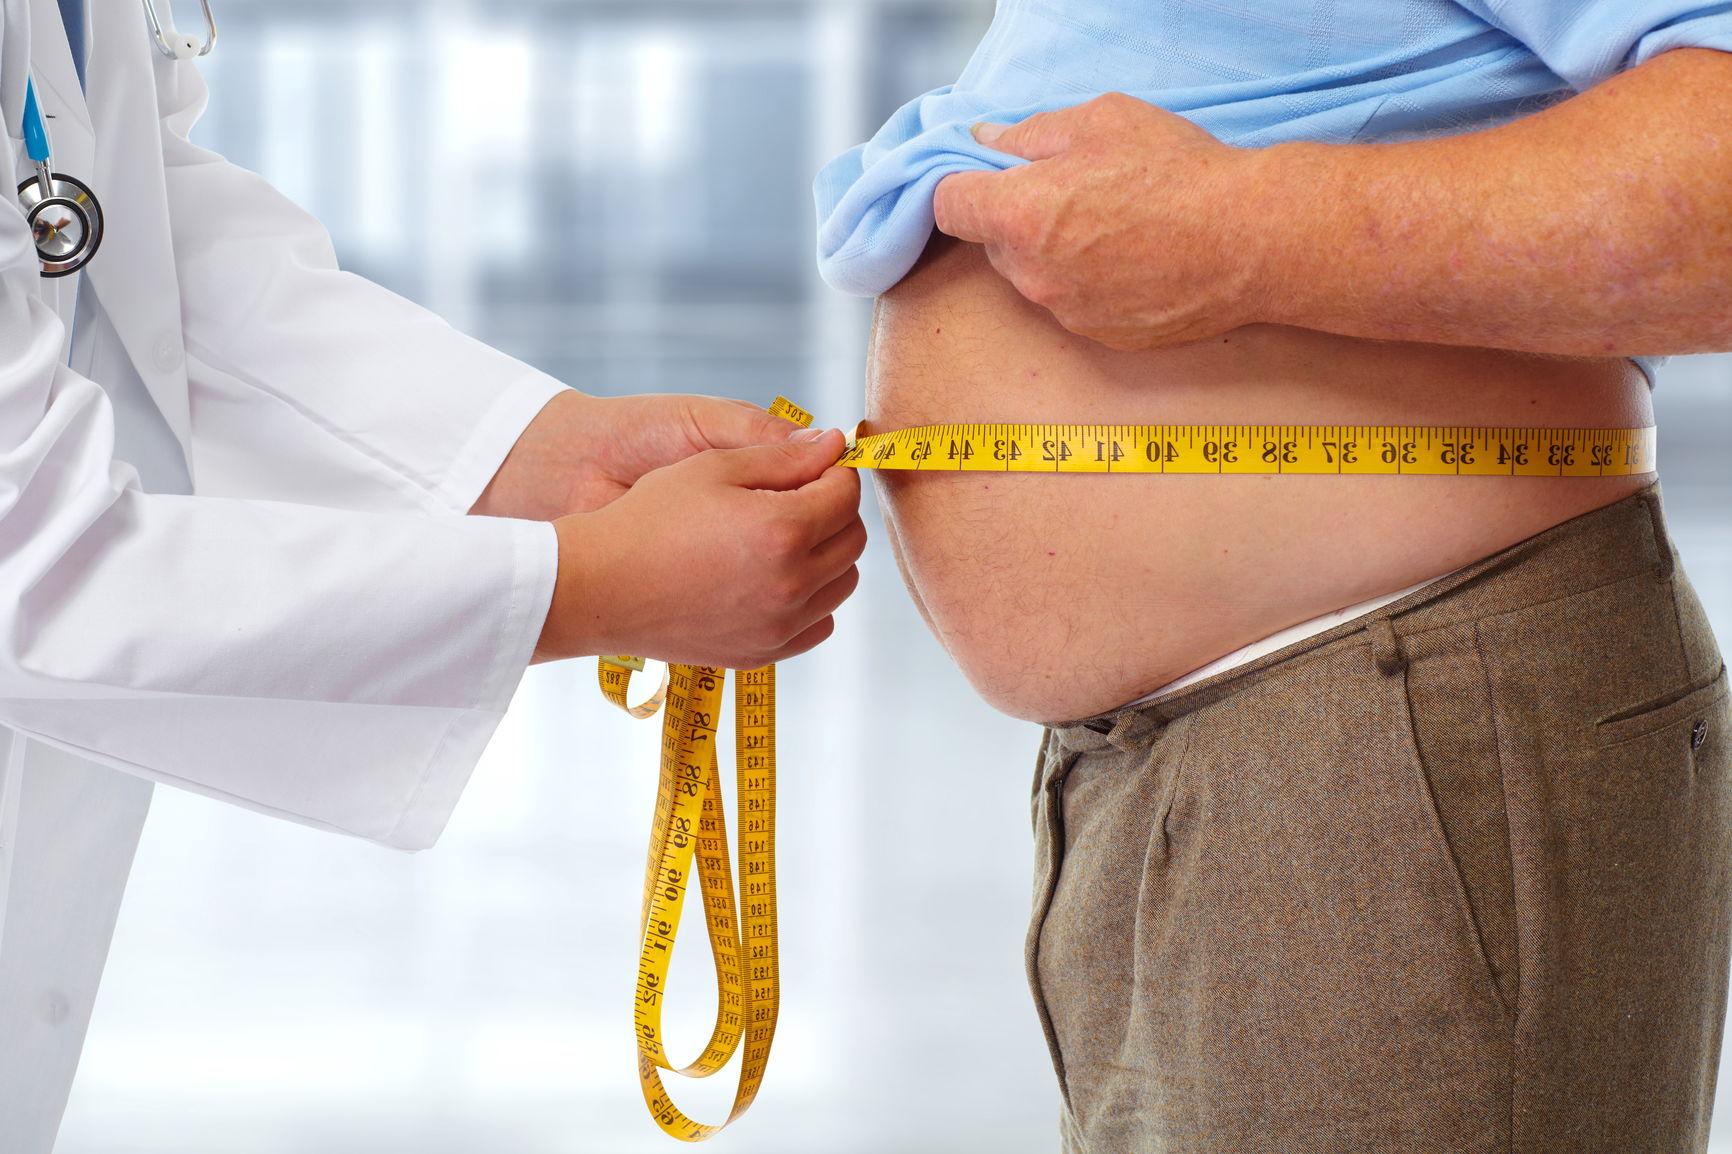 bli kvitt magefettet for å bedre din helse